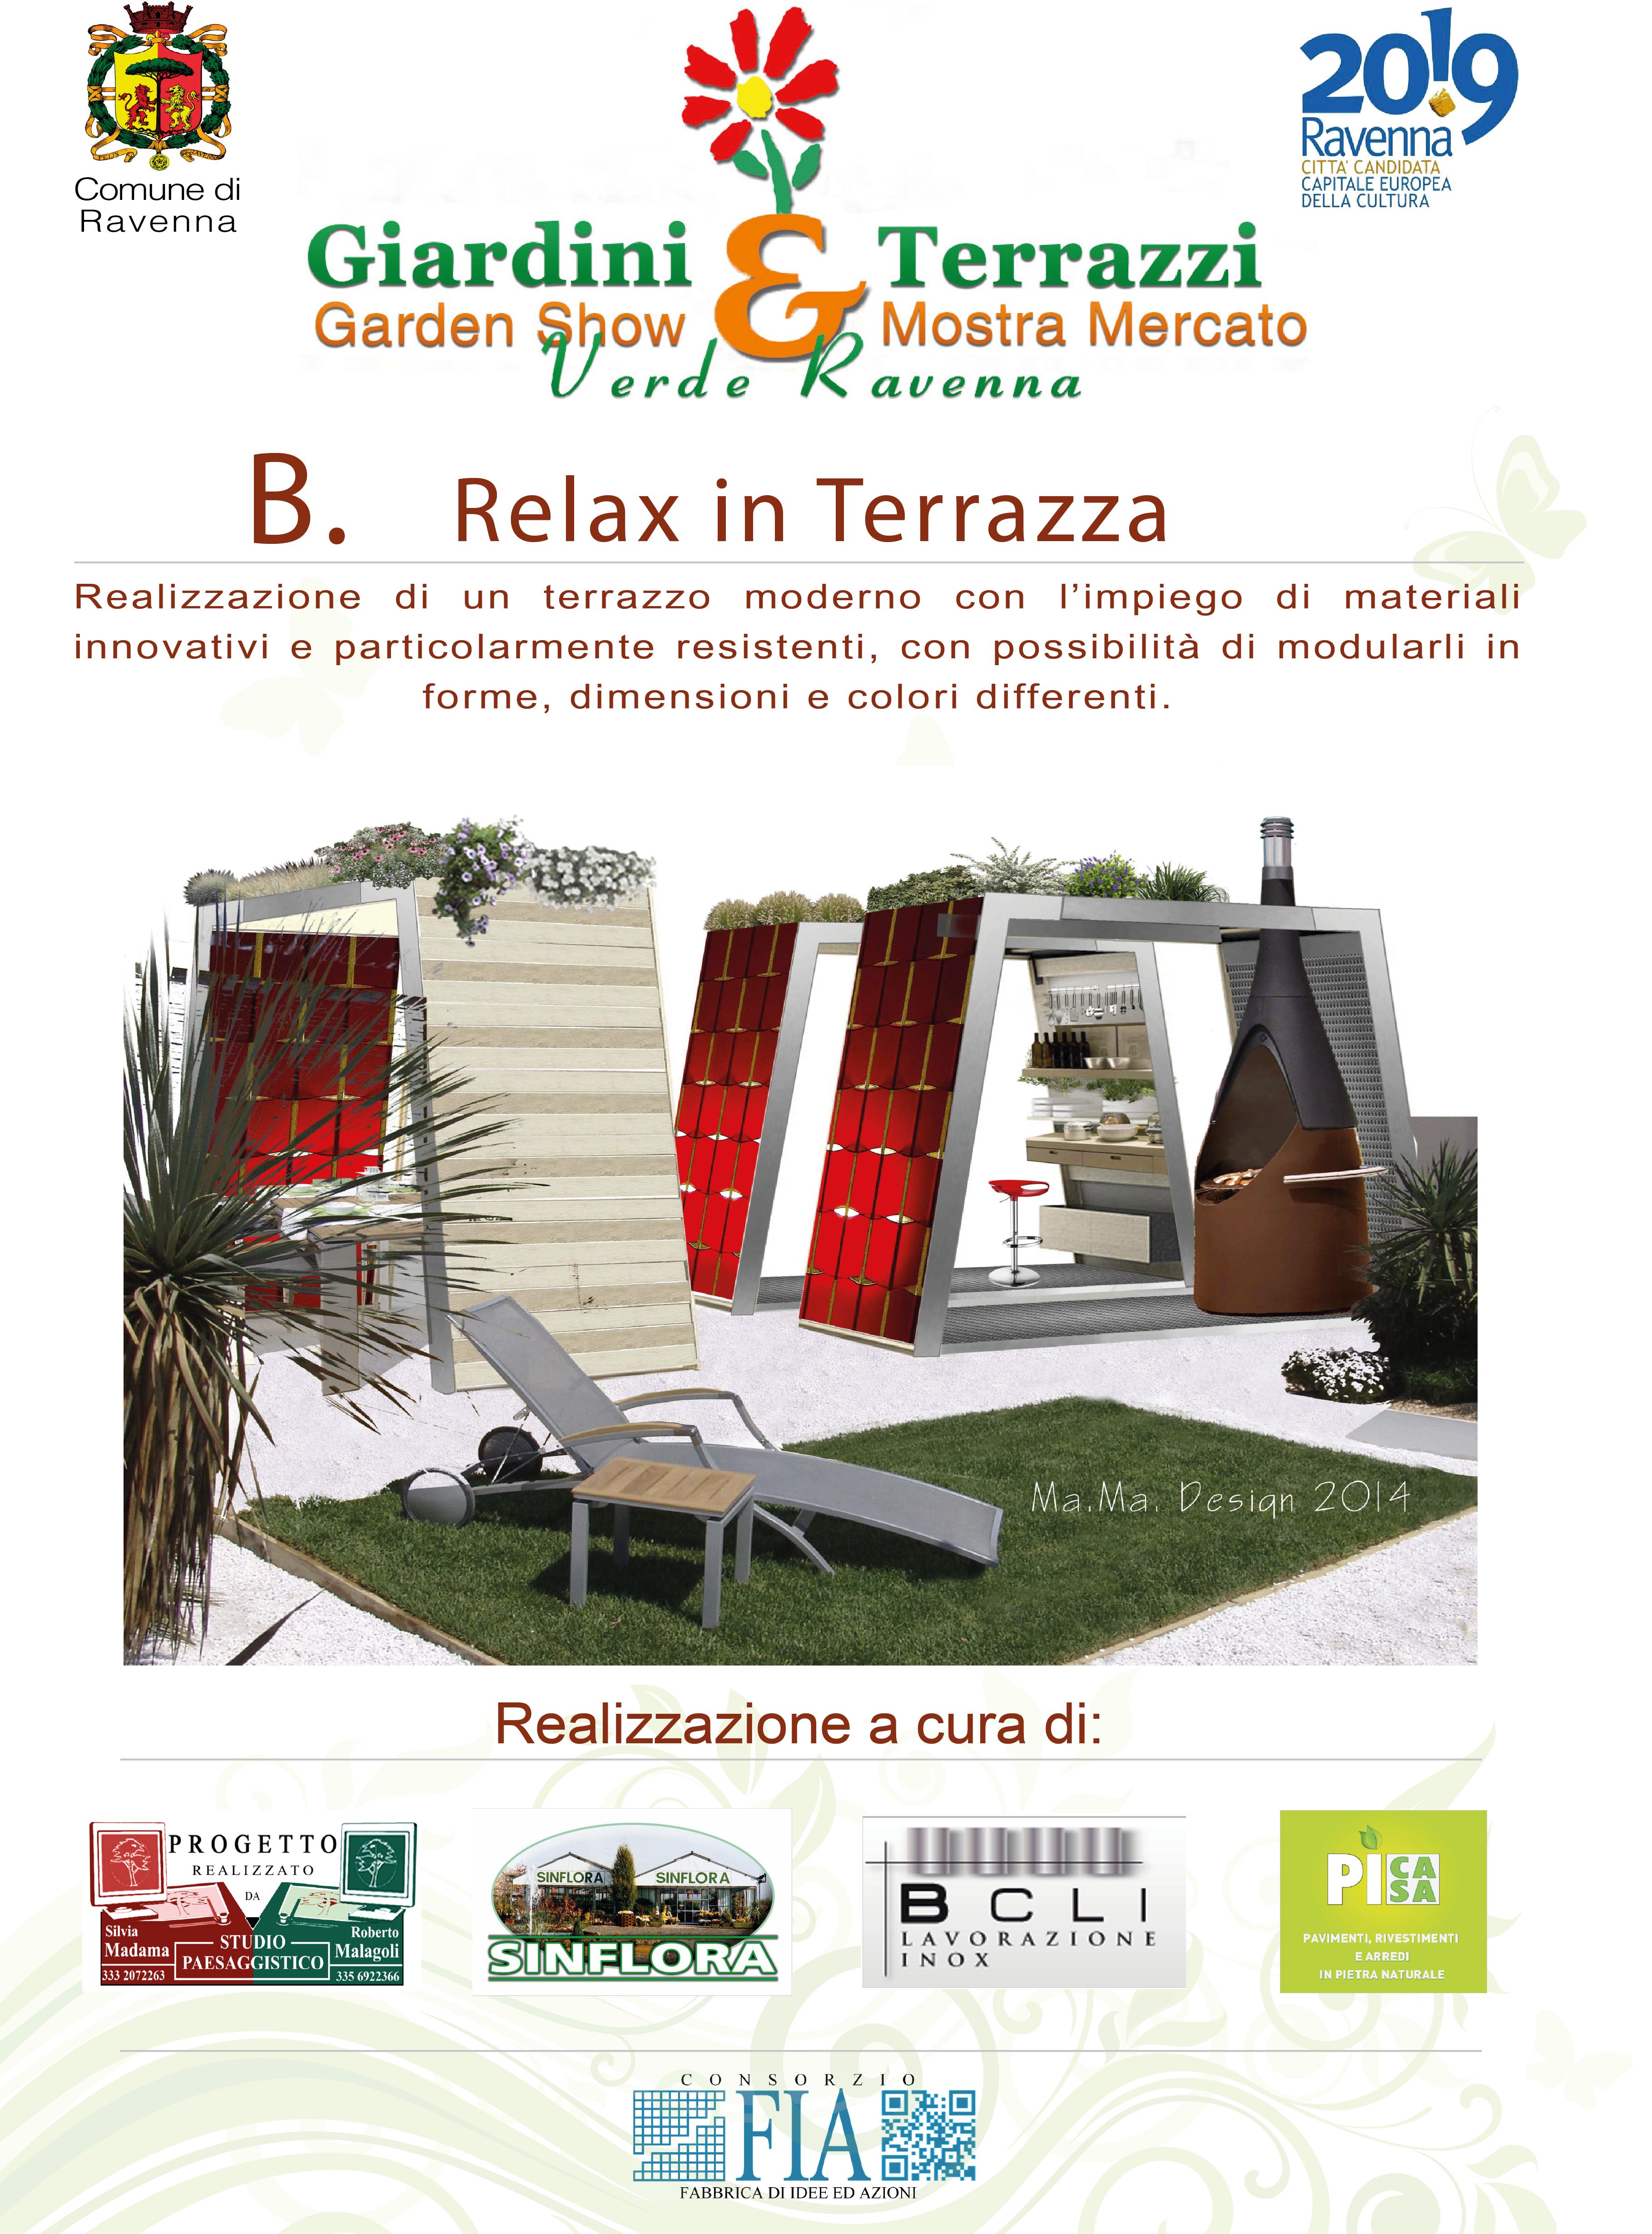 progetti.ravenna | giardini & terrazzi - Giardini E Terrazzi Garden Show Mostra Mercato